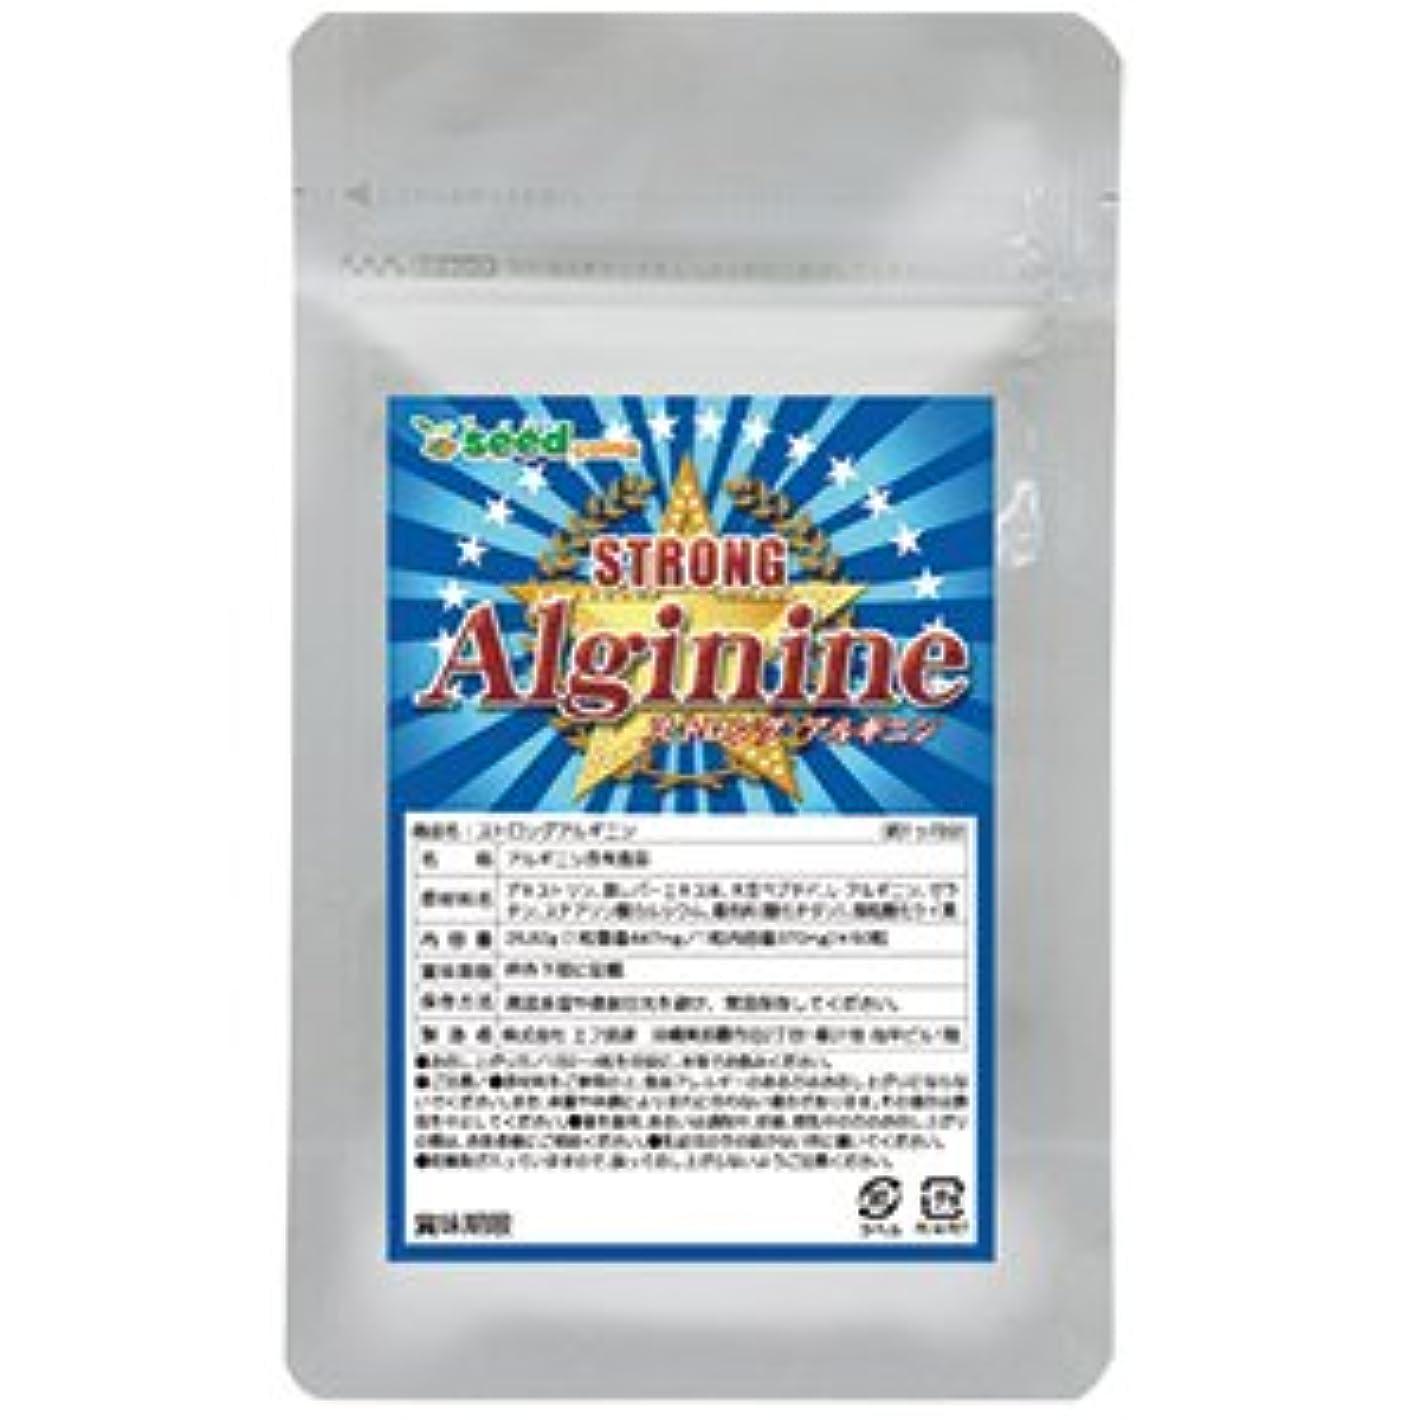 除外する小切手アートストロングアルギニン (約1ケ月分) アミノ酸の1種アルギニン配合!更にプロテインとレバーエキスも配合